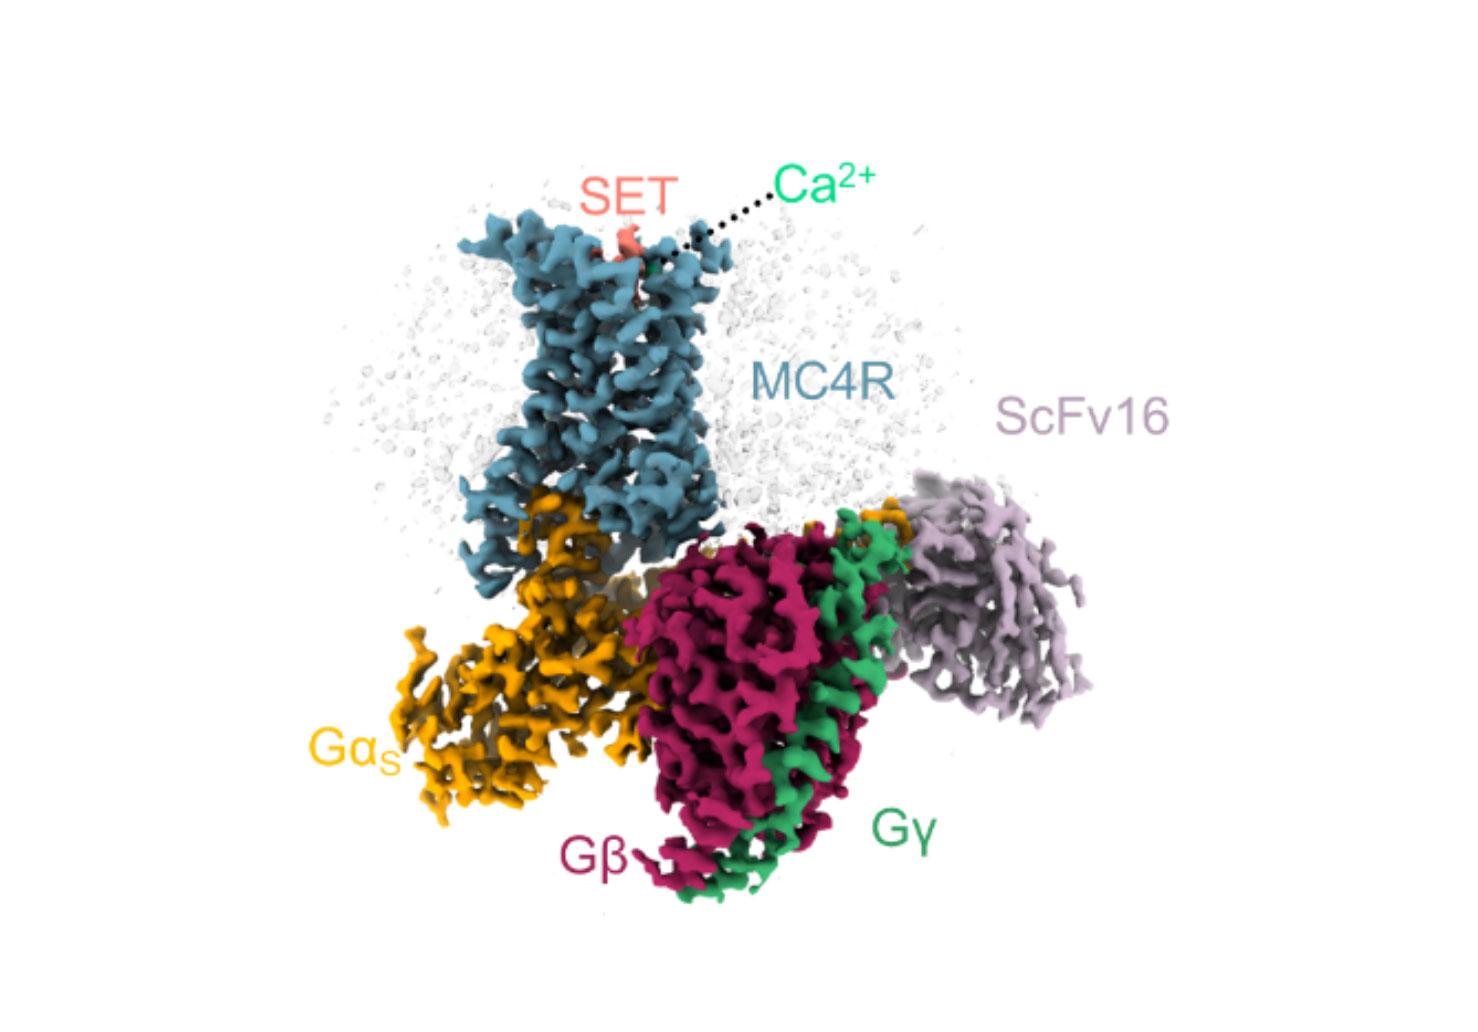 Structure 3D d'un complexe formé par le MC4-R (bleu) et plusieurs protéines qu'il active, avec une molécule de setmelanotide (rose) et un ion calcium (vert), dans la poche de liaison du MC4-R